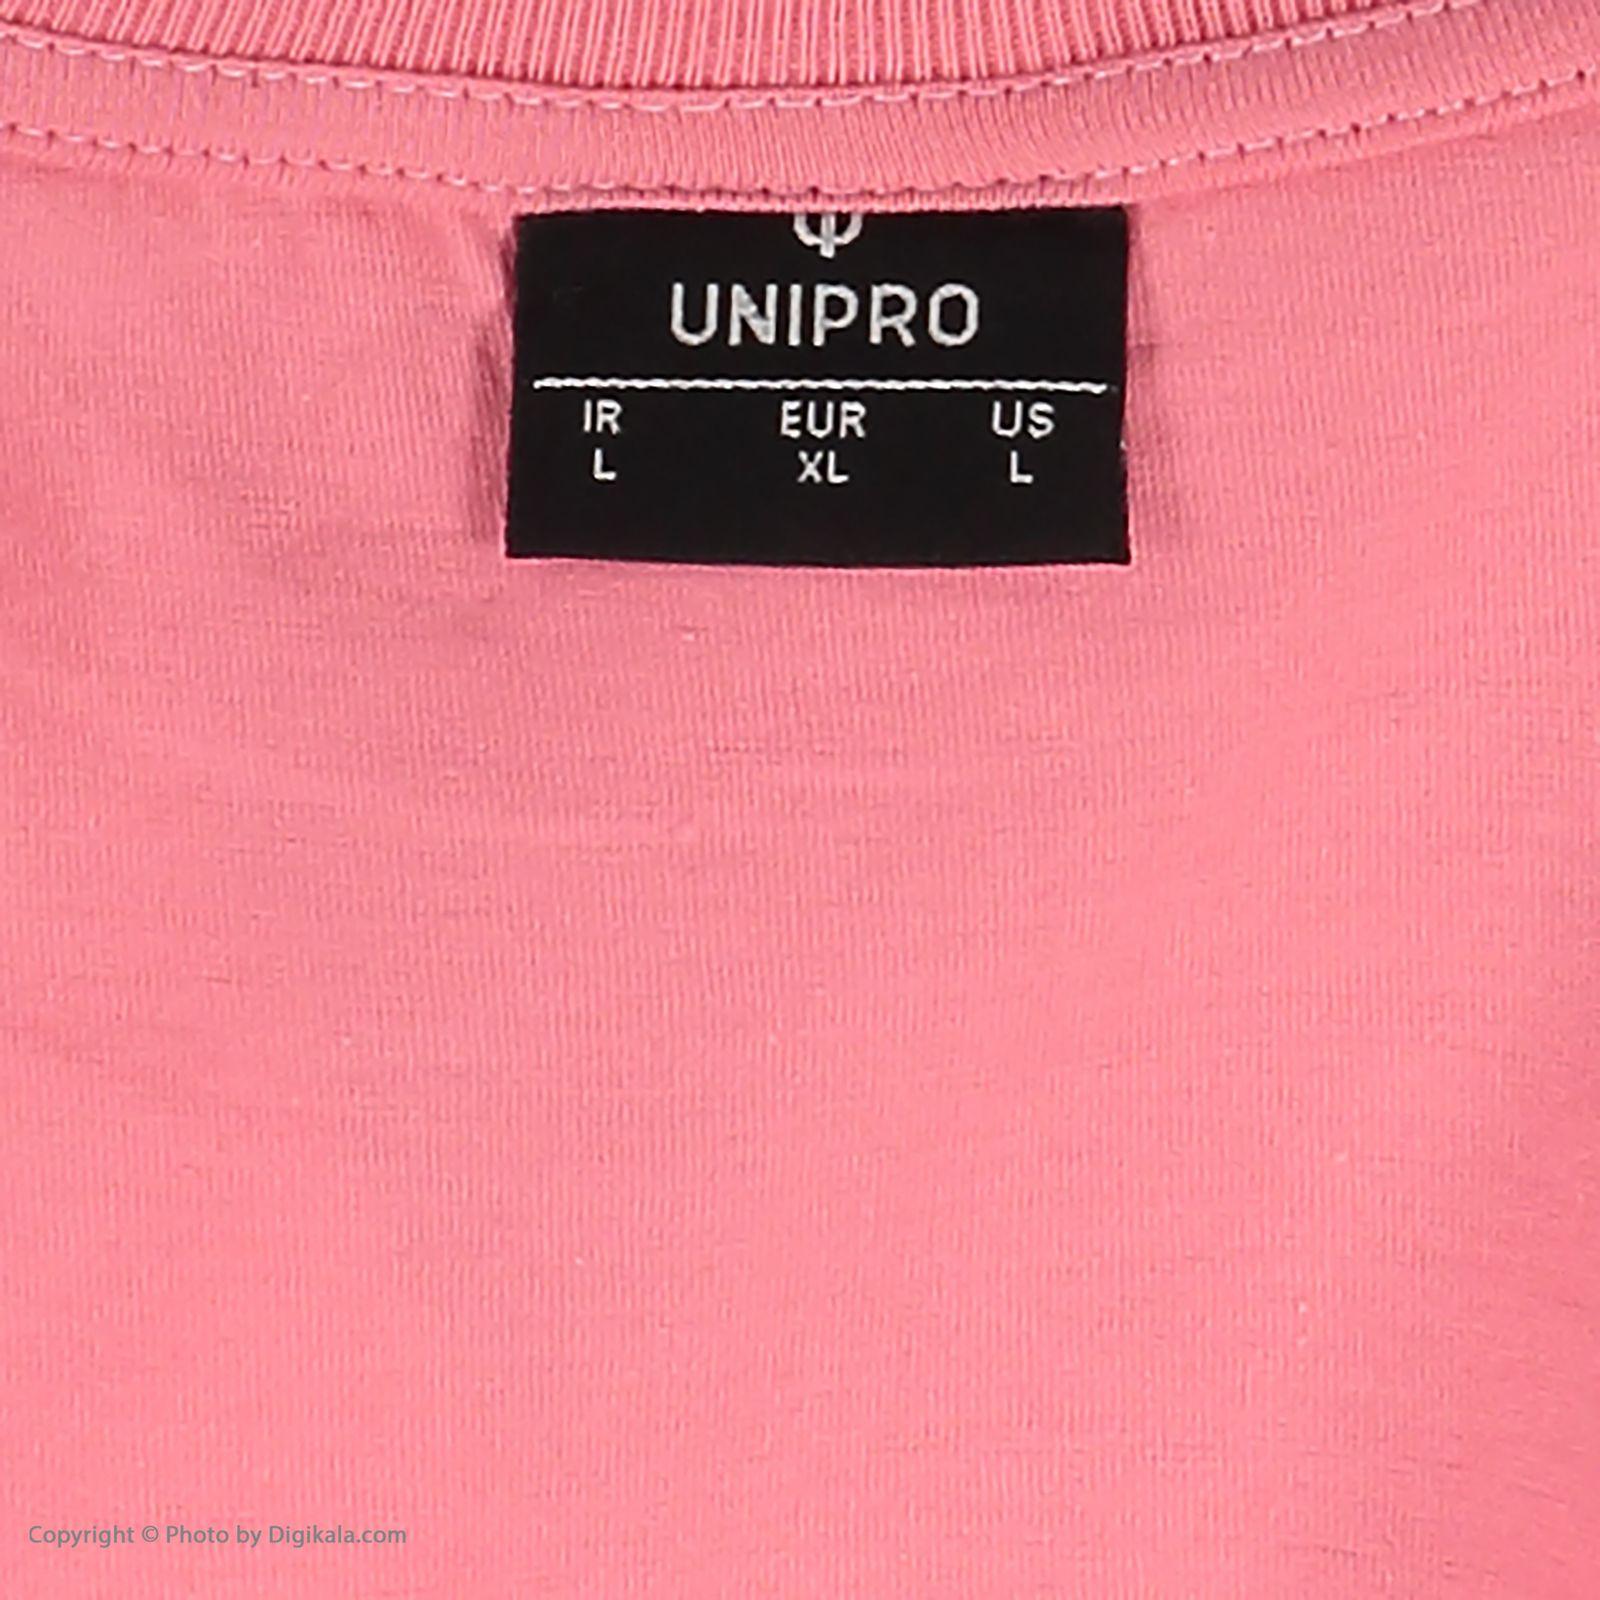 تی شرت ورزشی مردانه یونی پرو مدل 914119303-40 -  - 6